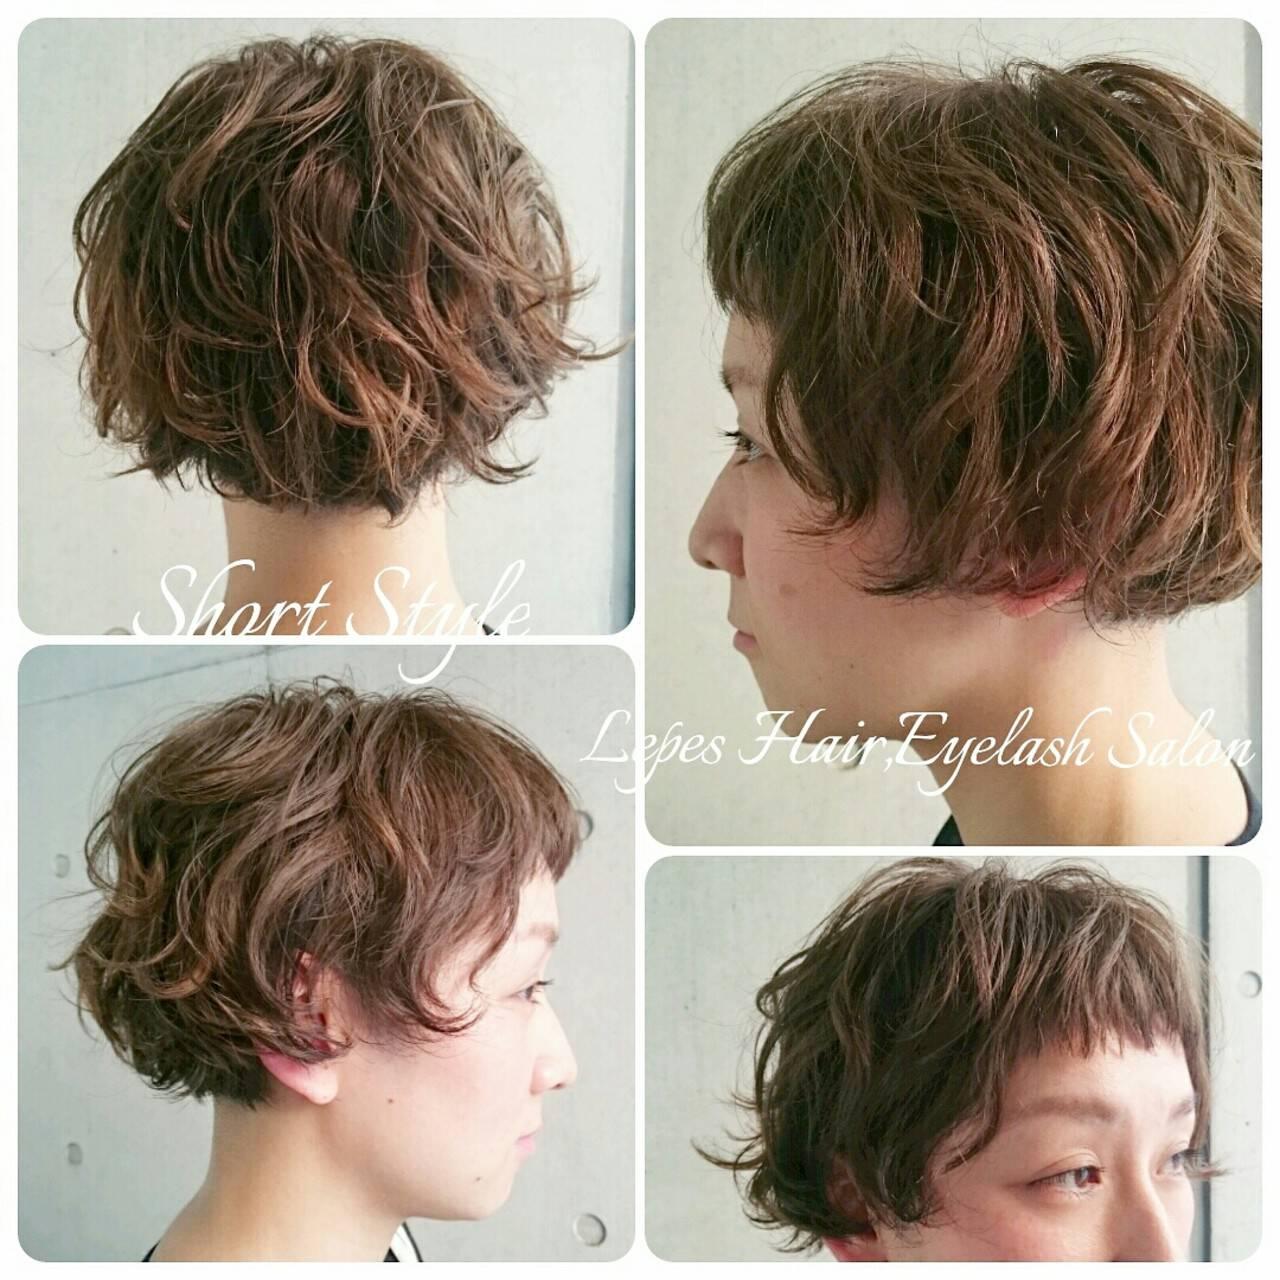 前髪あり 外国人風 パーマ ハイライトヘアスタイルや髪型の写真・画像